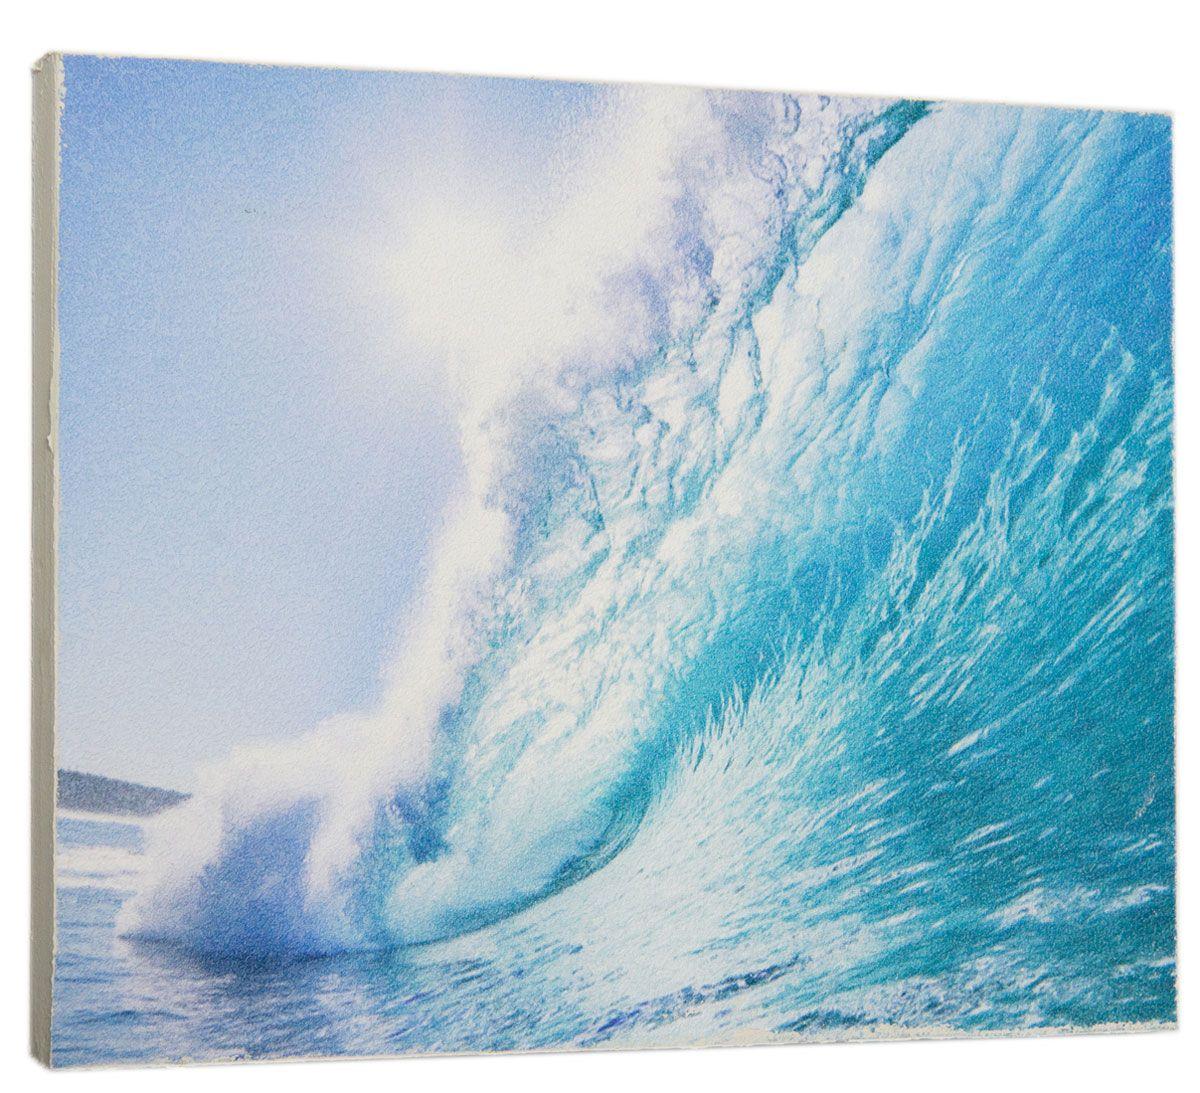 Картина Mister Poster Лазурная волна, 32 х 24 см0308-24-32Картина Mister Poster - это высококачественная репродукция на деревянной раме. Лицевая поверхность имитирует штукатурку или натуральный холст, края окрашены вручную специальным декоративным составом.Современные технологии, уникальное оборудование и оригинальные чернила, используемые при изготовлении, делают постер устойчивым к выцветанию, а также гарантируют стойкость к воздействию негативных внешних факторов. Интерьер дома и офиса, в котором находится человек, в значительной степени влияет на его настроение и работоспособность. Правильное оформление интерьера создает благоприятный психологический климат, улучшает настроение и мотивирует. Добавьте «красок» в ваш интерьер и, возможно, в вашу жизнь.